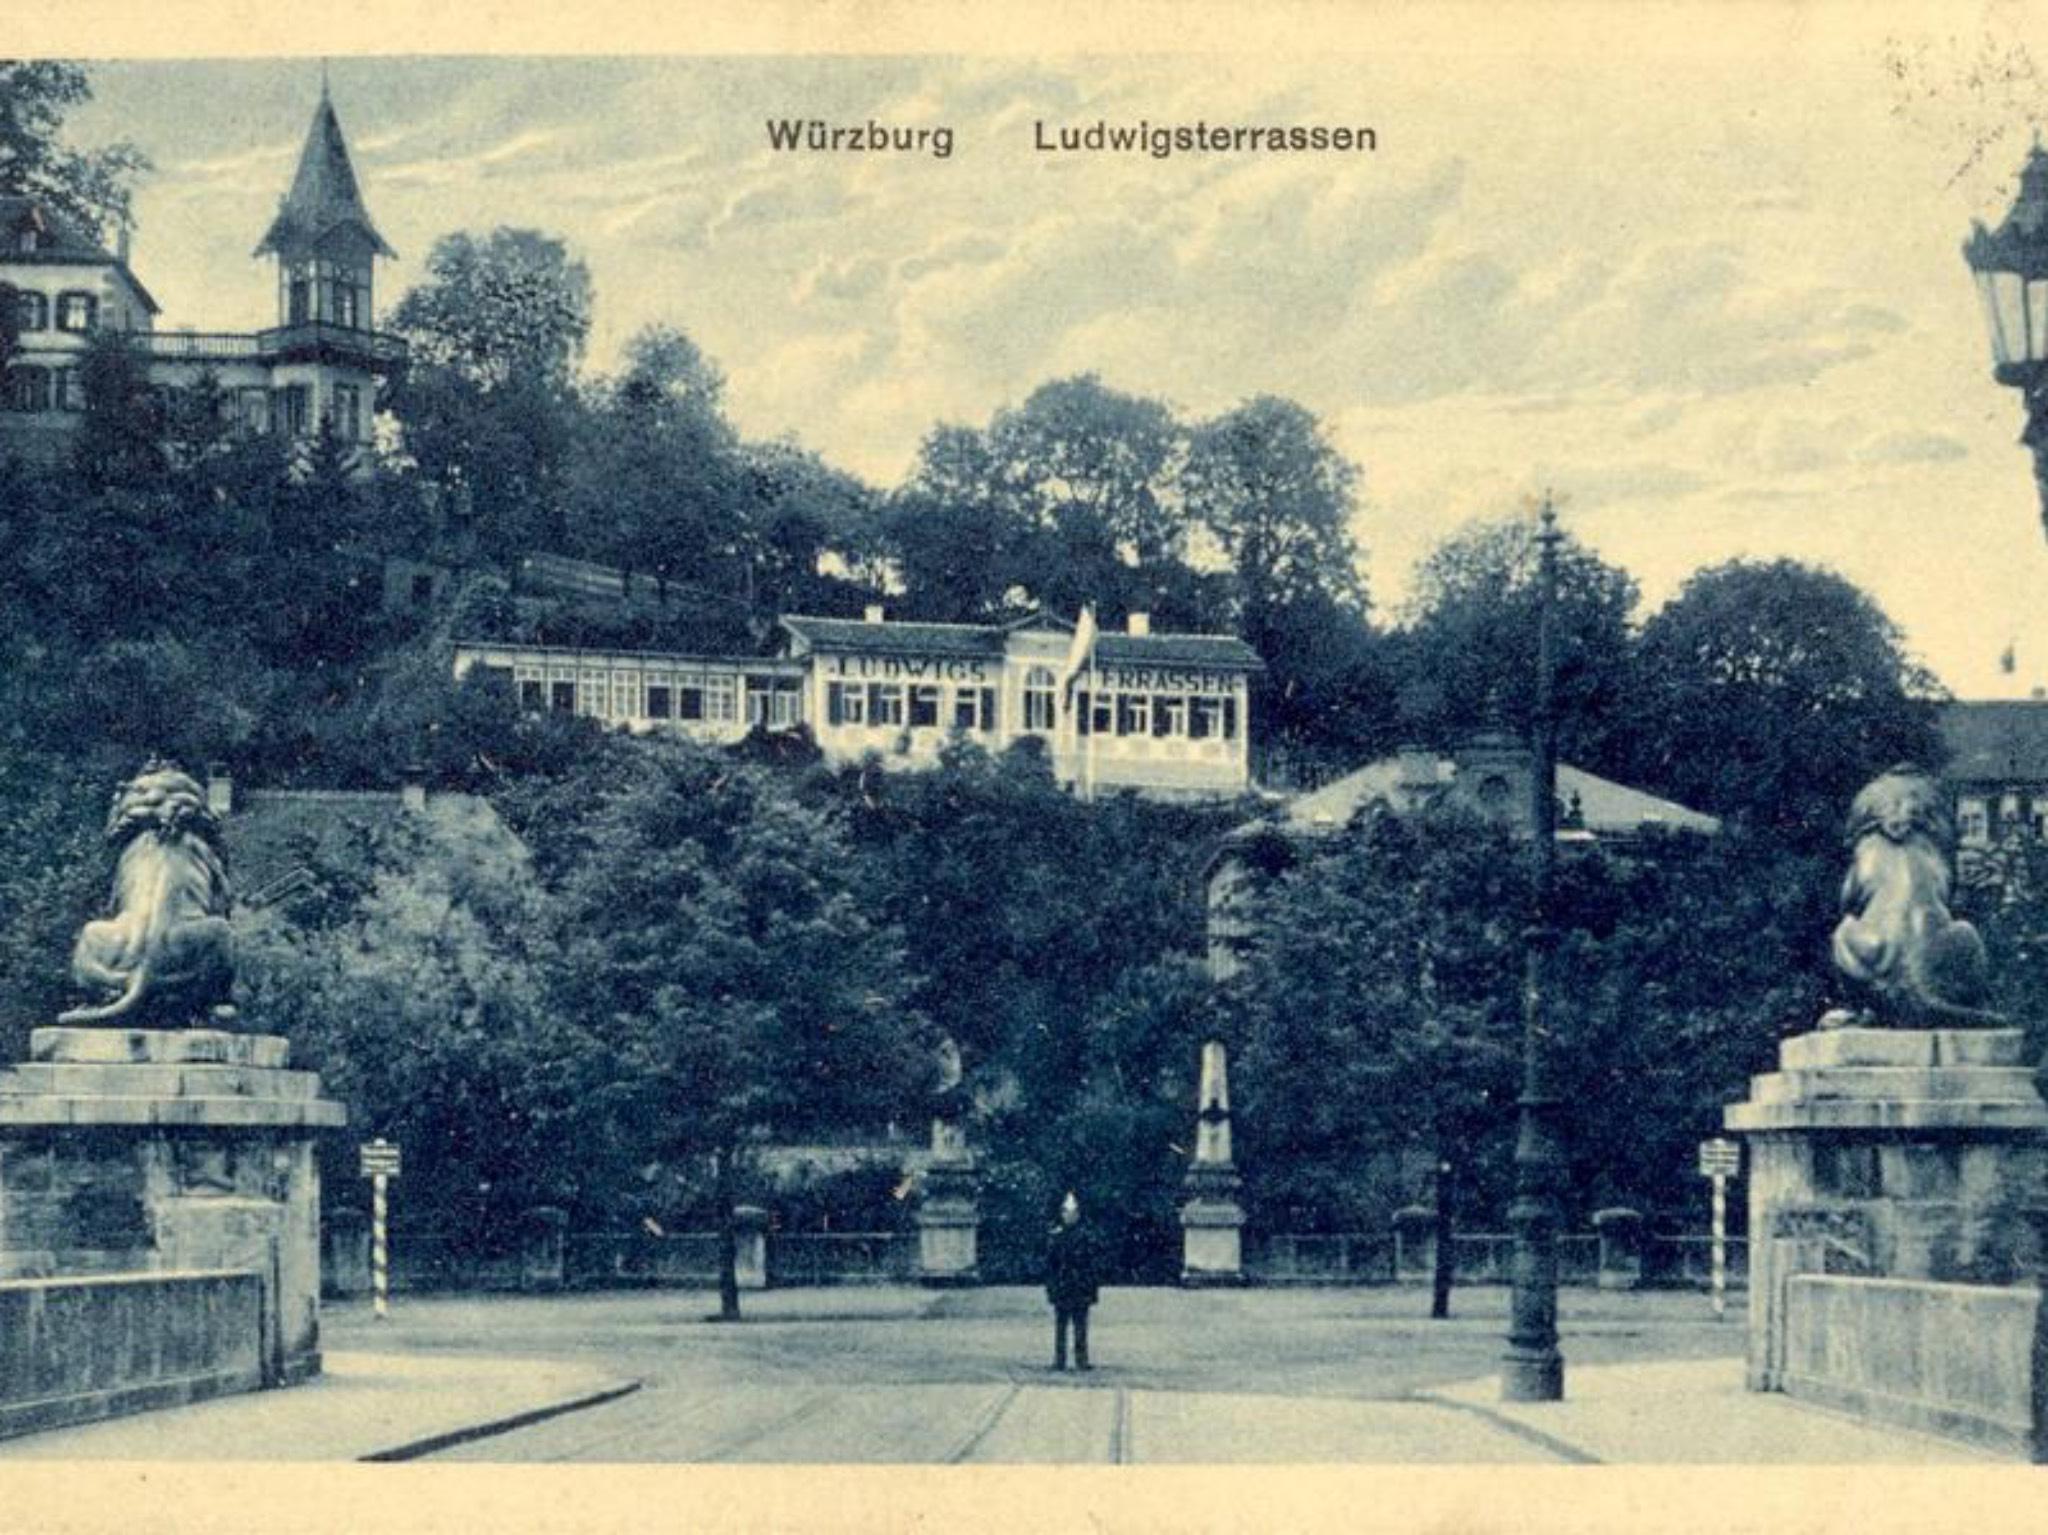 In direkter Sichtachse zur Löwenbrücken befanden sich die Charlott- beziehungsweise Ludwigsterrassen. Archiv: Willi Dürrnagel